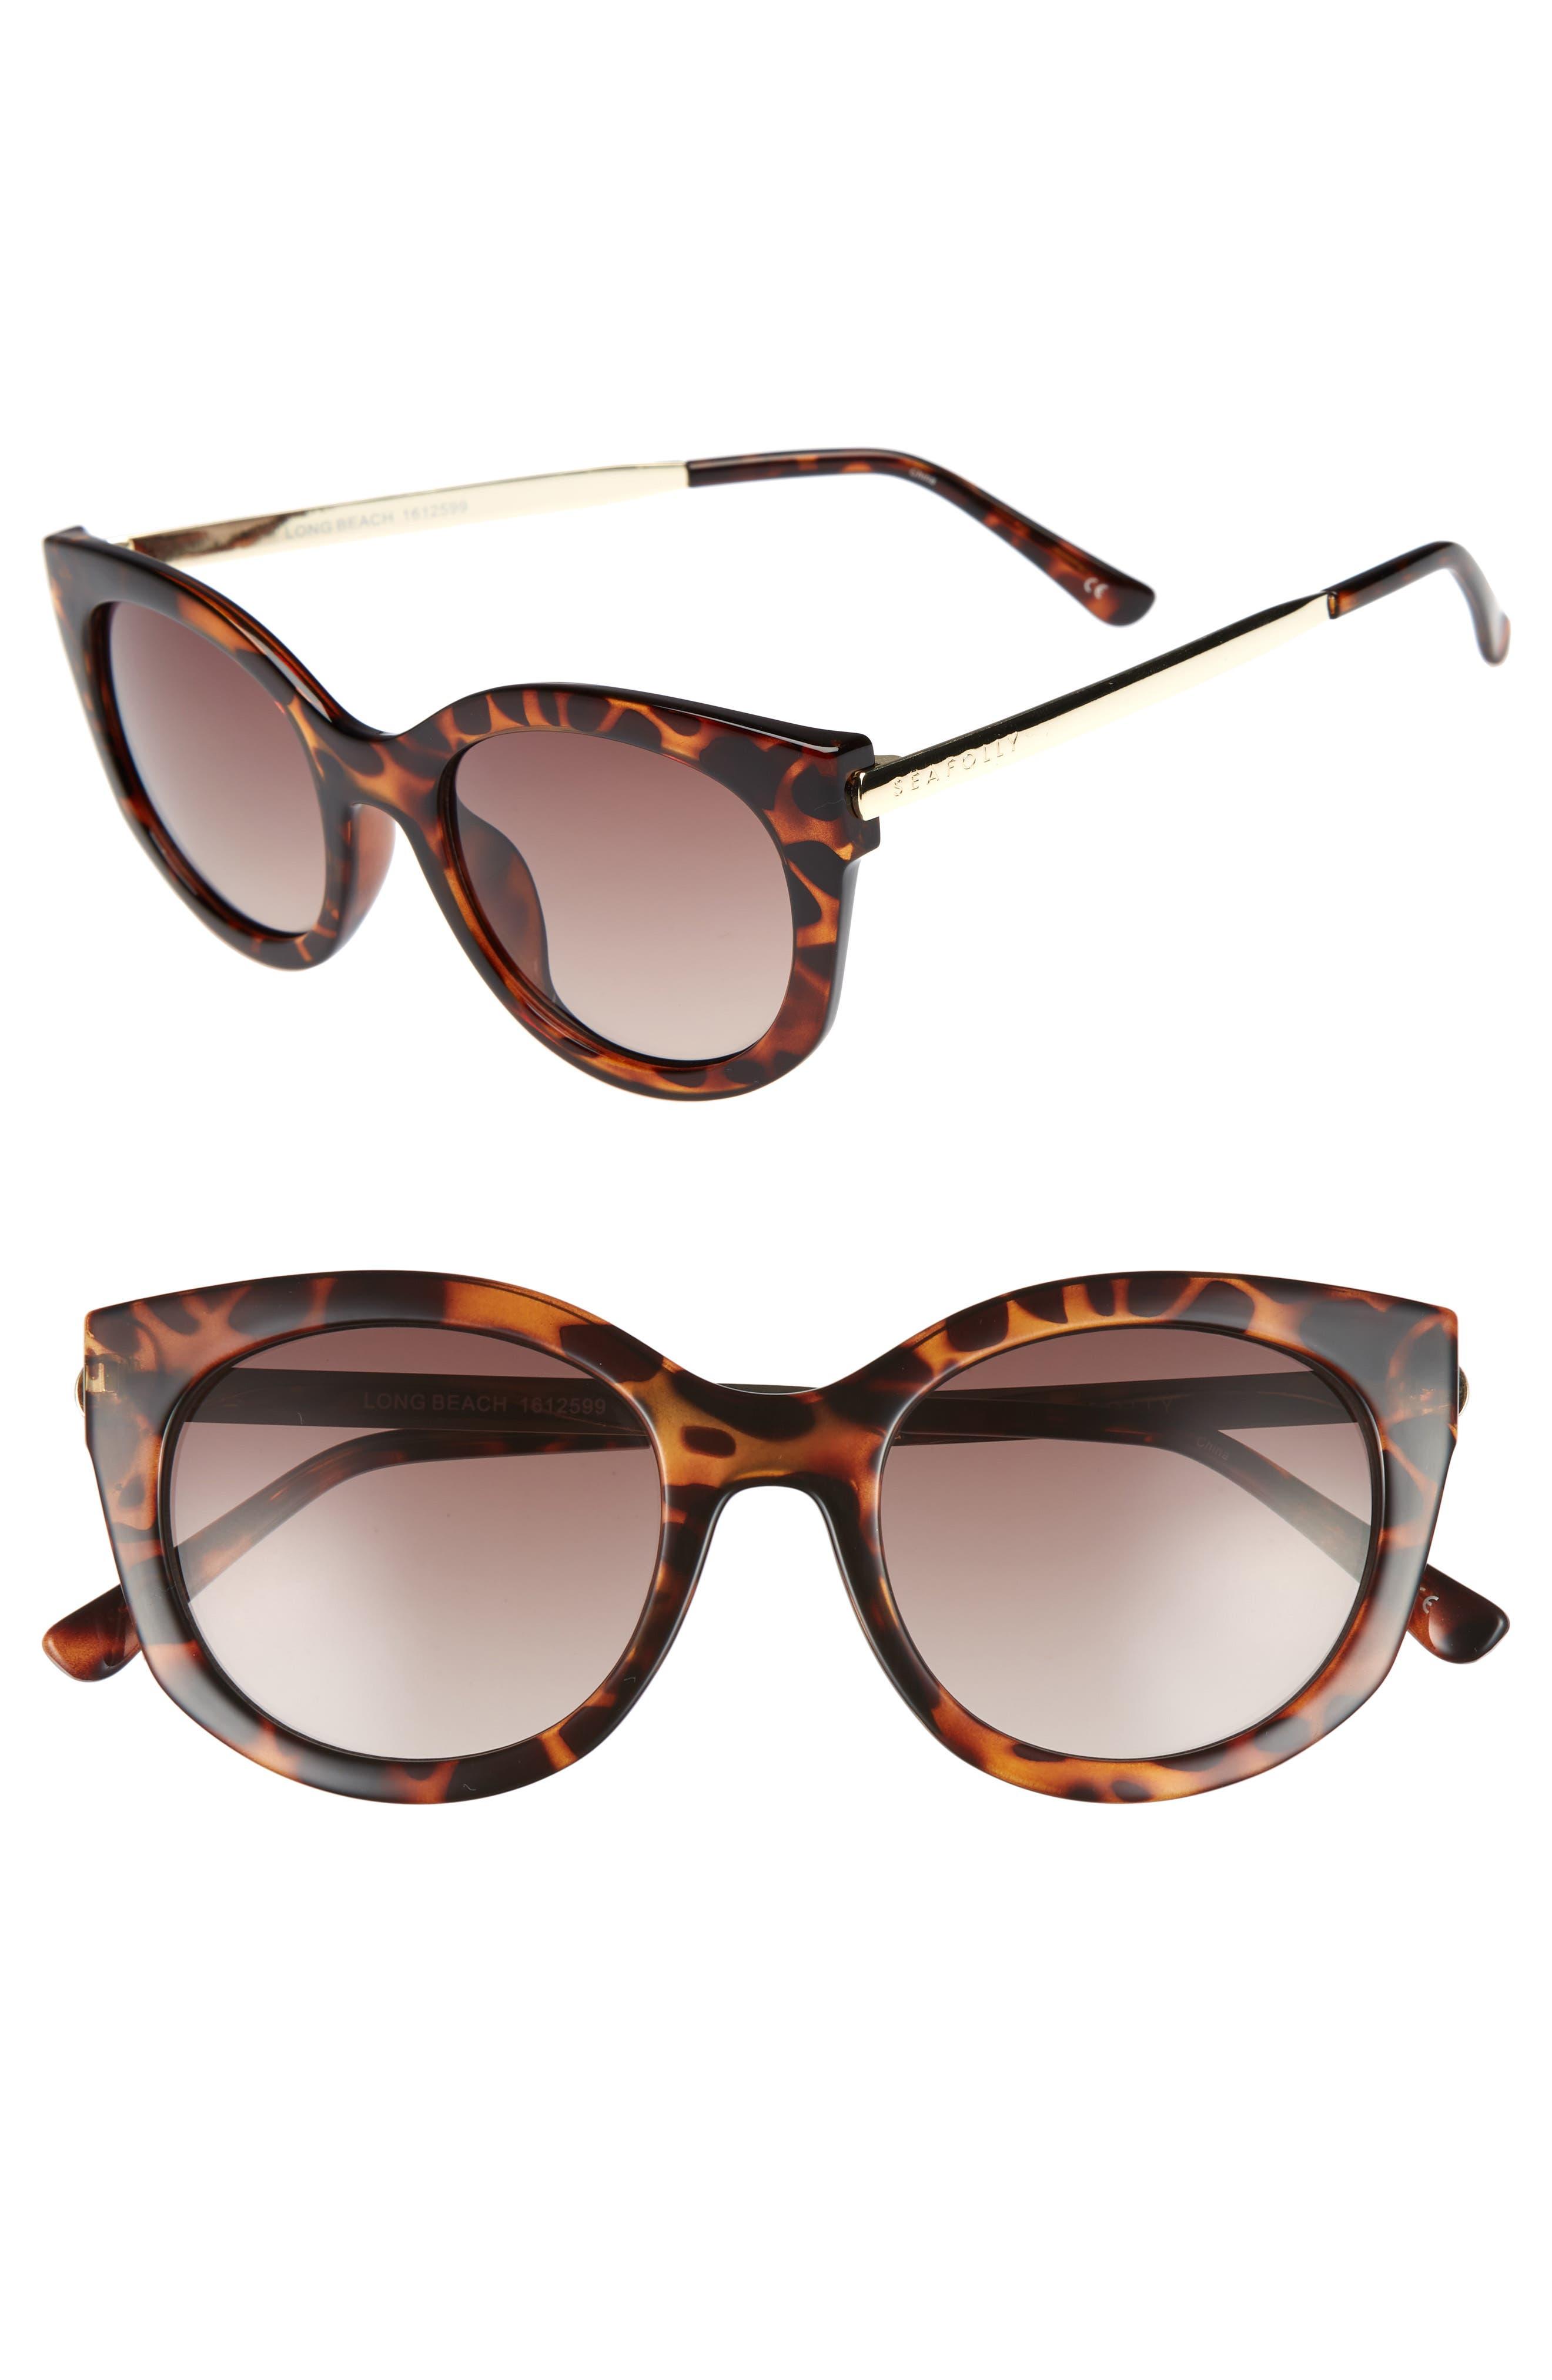 Long Beach 51mm Cat Eye Sunglasses,                             Main thumbnail 1, color,                             Dark Tort